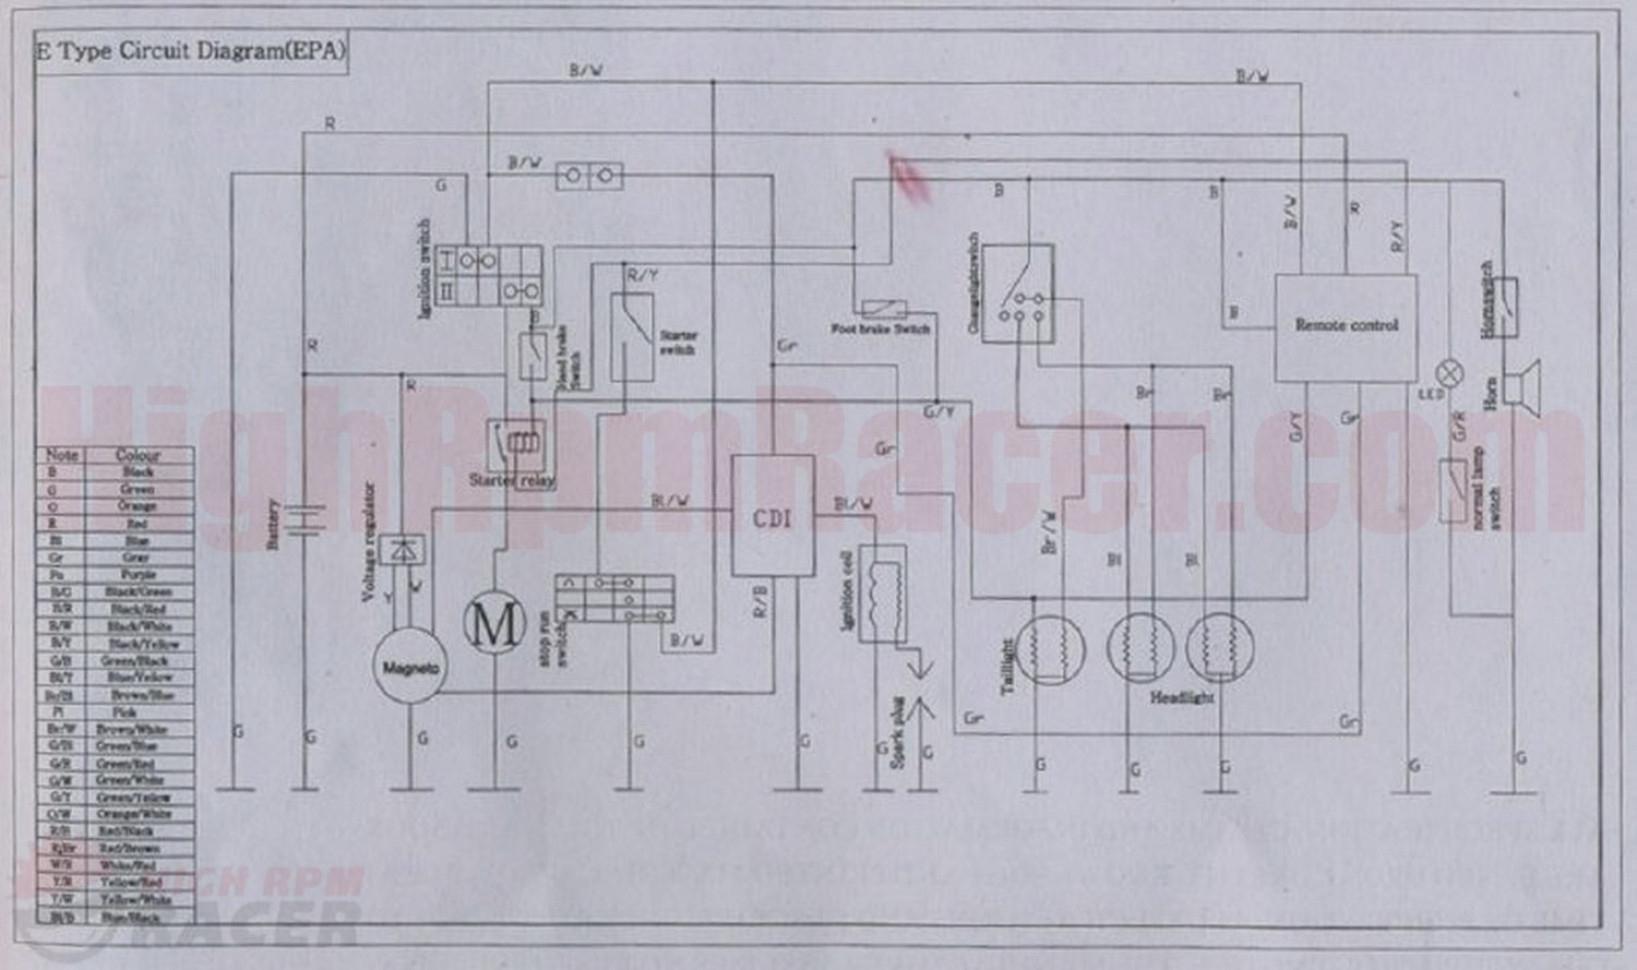 Sunl Atv Wiring Diagram | Wiring Diagram - John Deere 318 Wiring Diagram